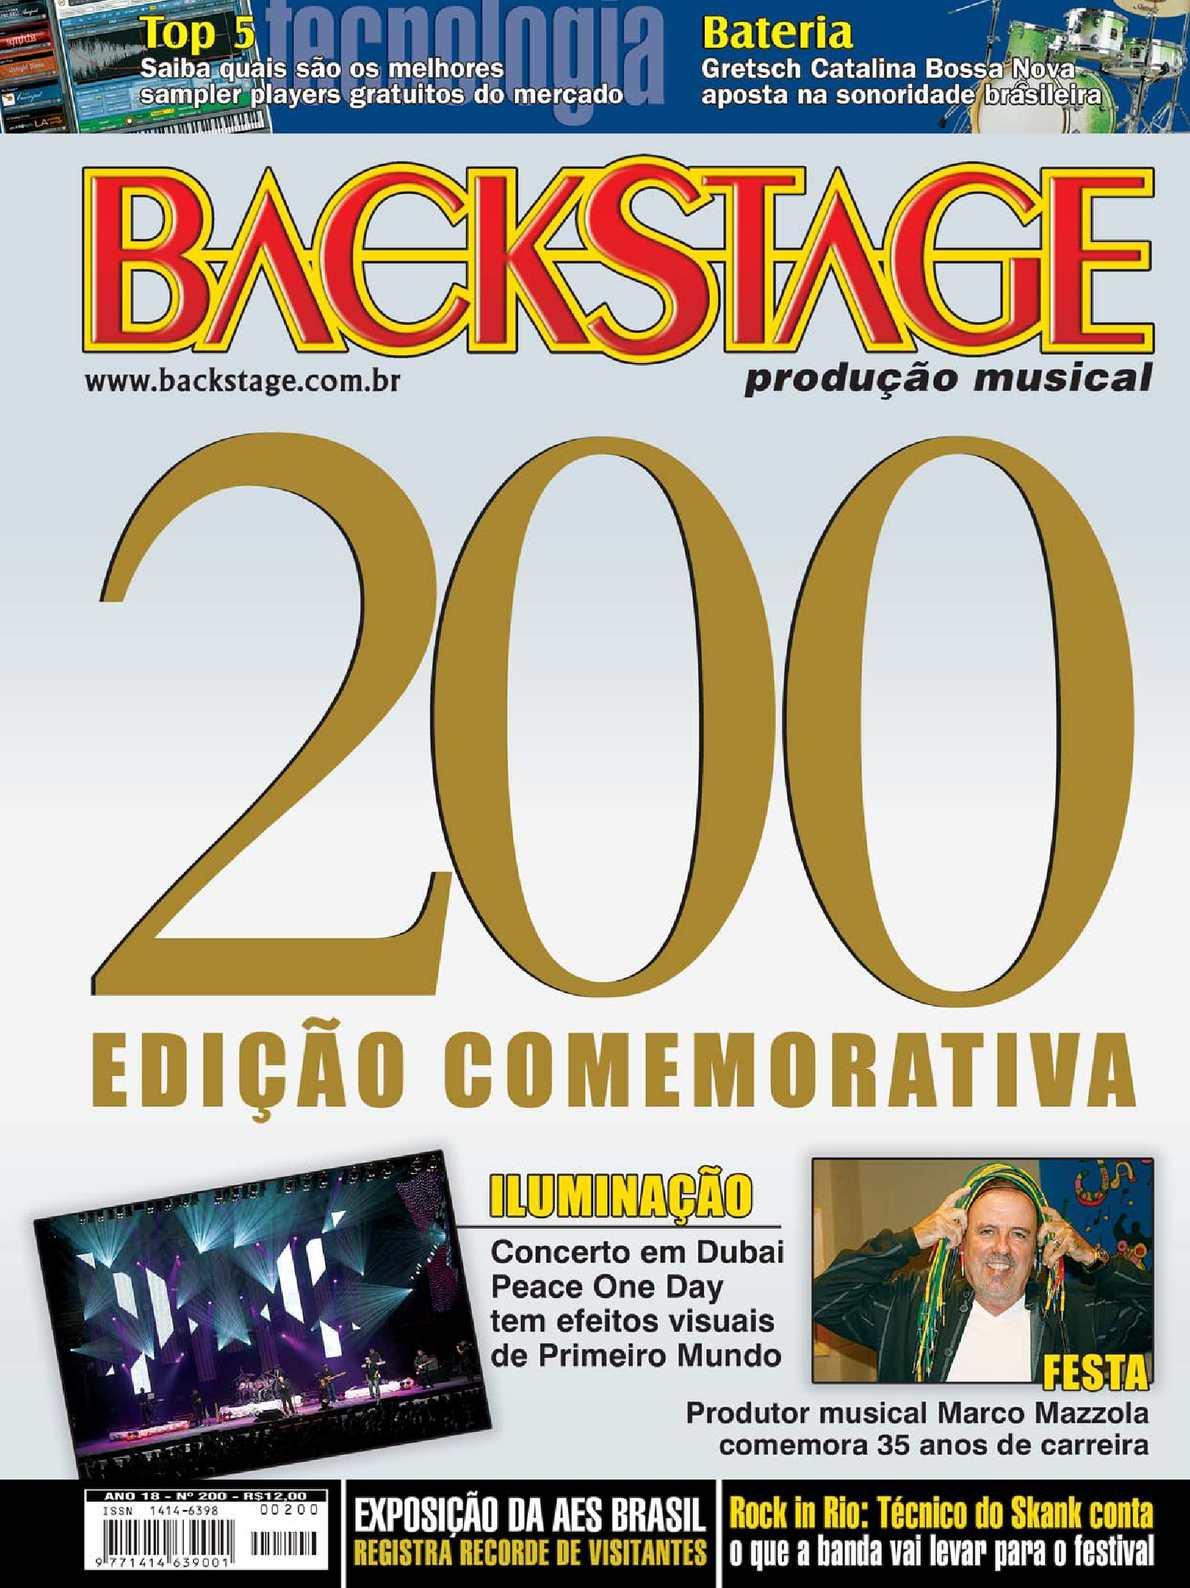 Calaméo - Backstage 200 caderno miolo baixa resolução dc4acaacb1159